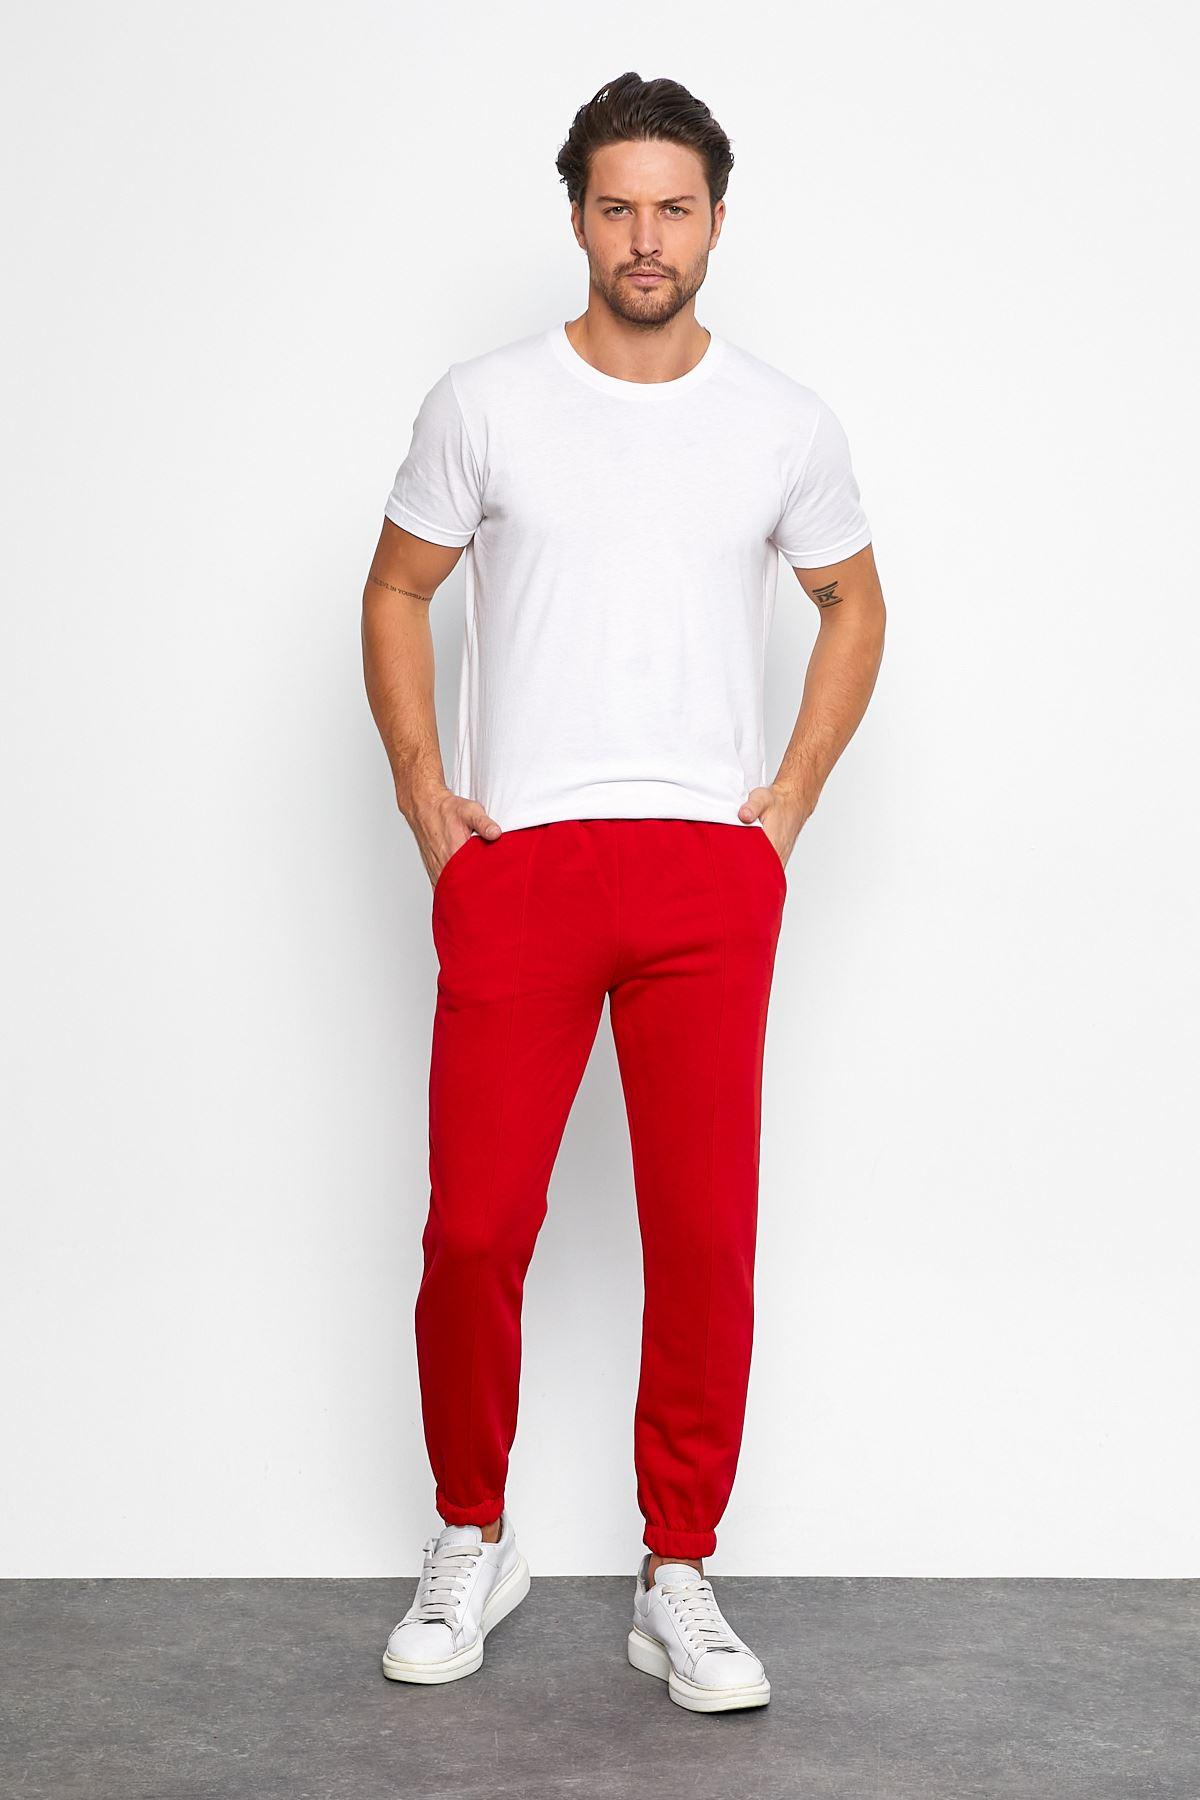 Erkek Şardonsuz 3 İplik Jogger Penye Çımalı Kırmızı Eşofman